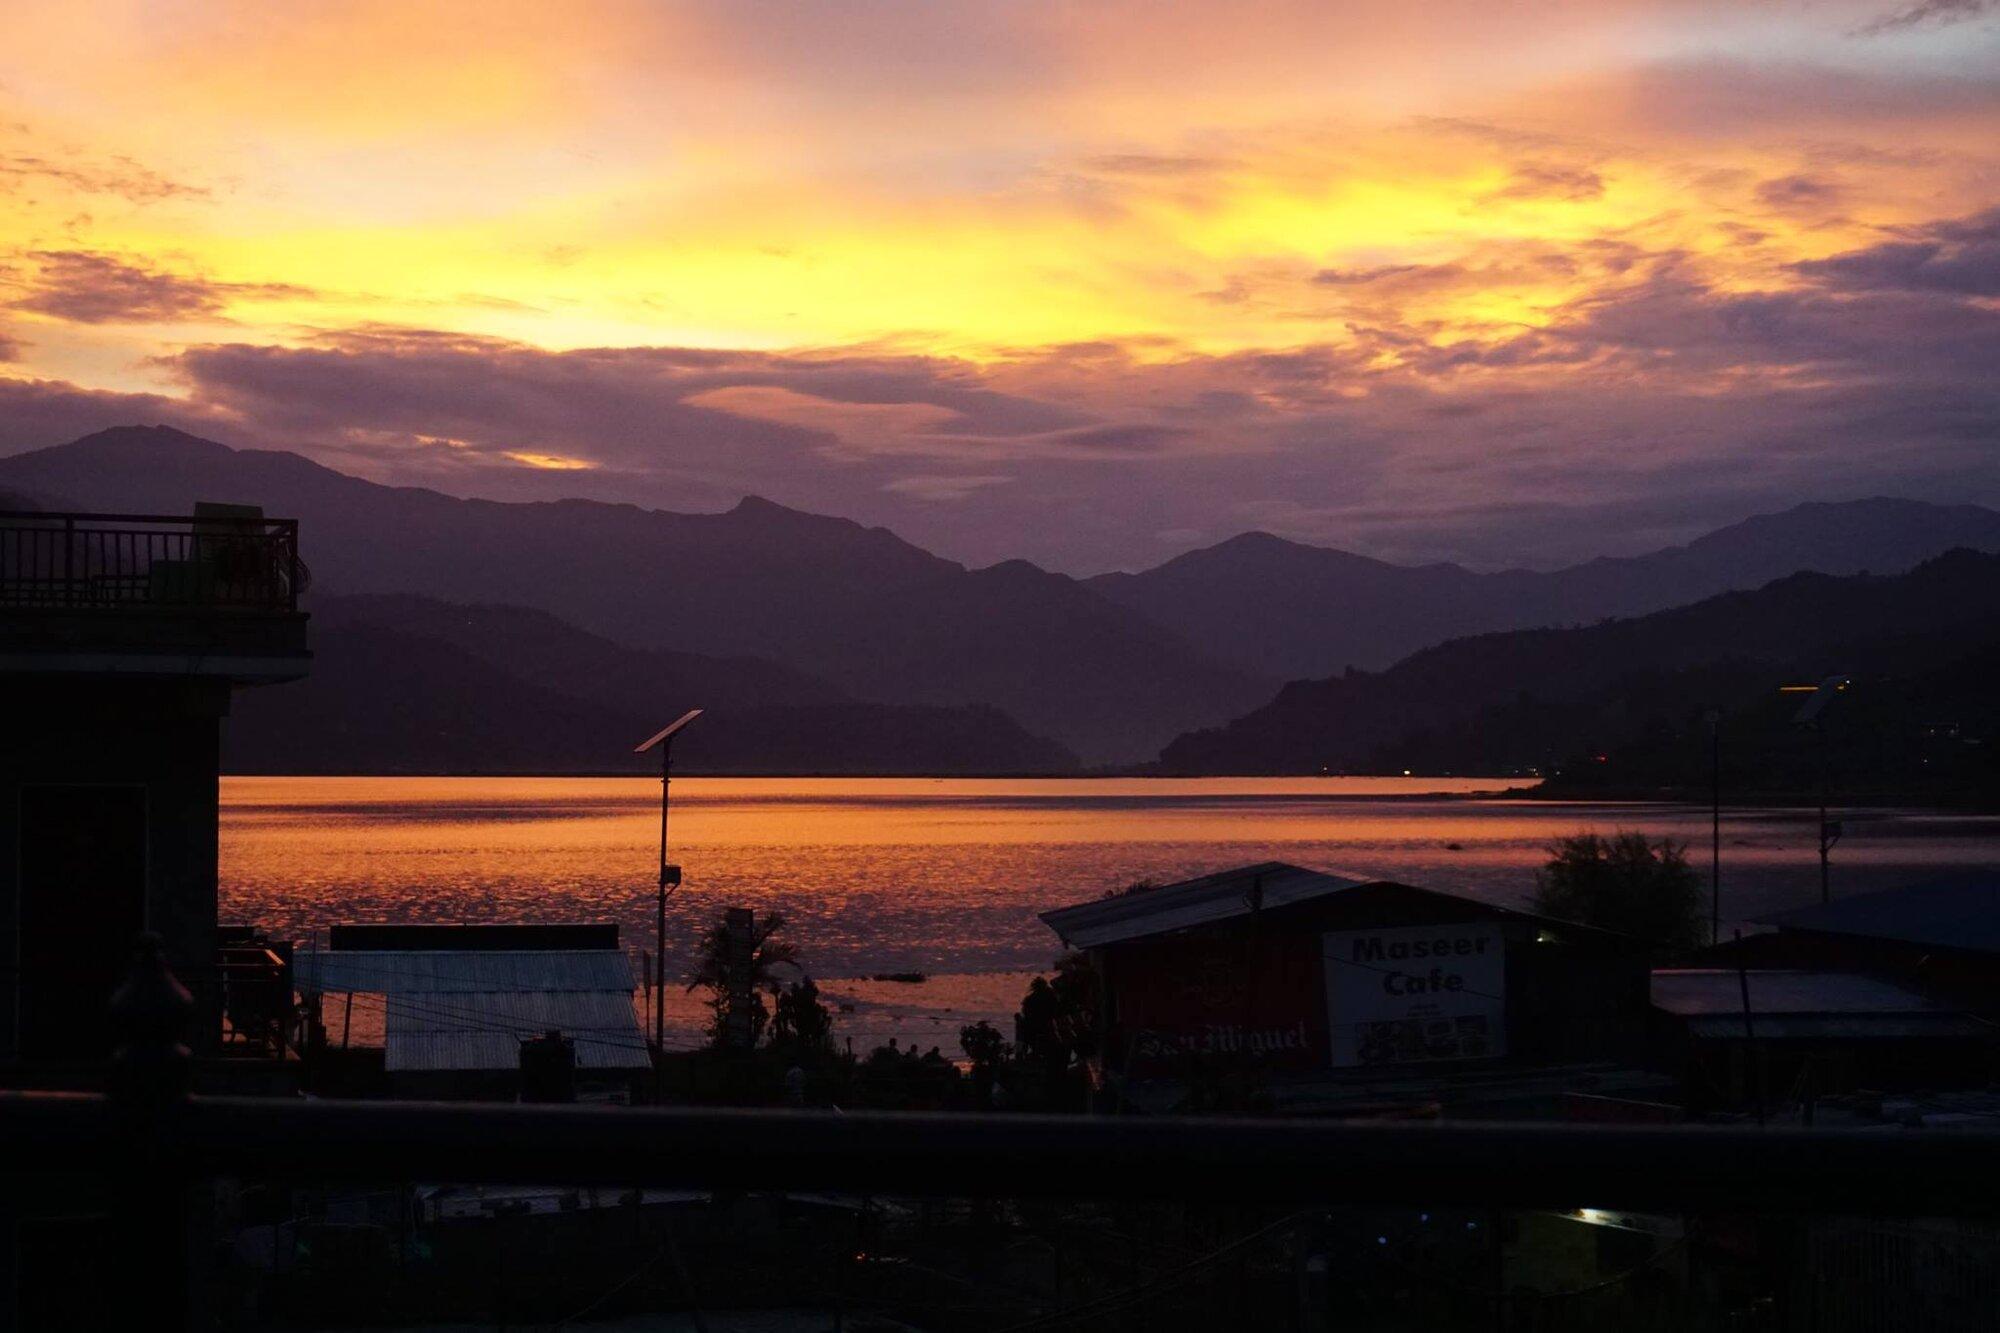 закат солнца над озером